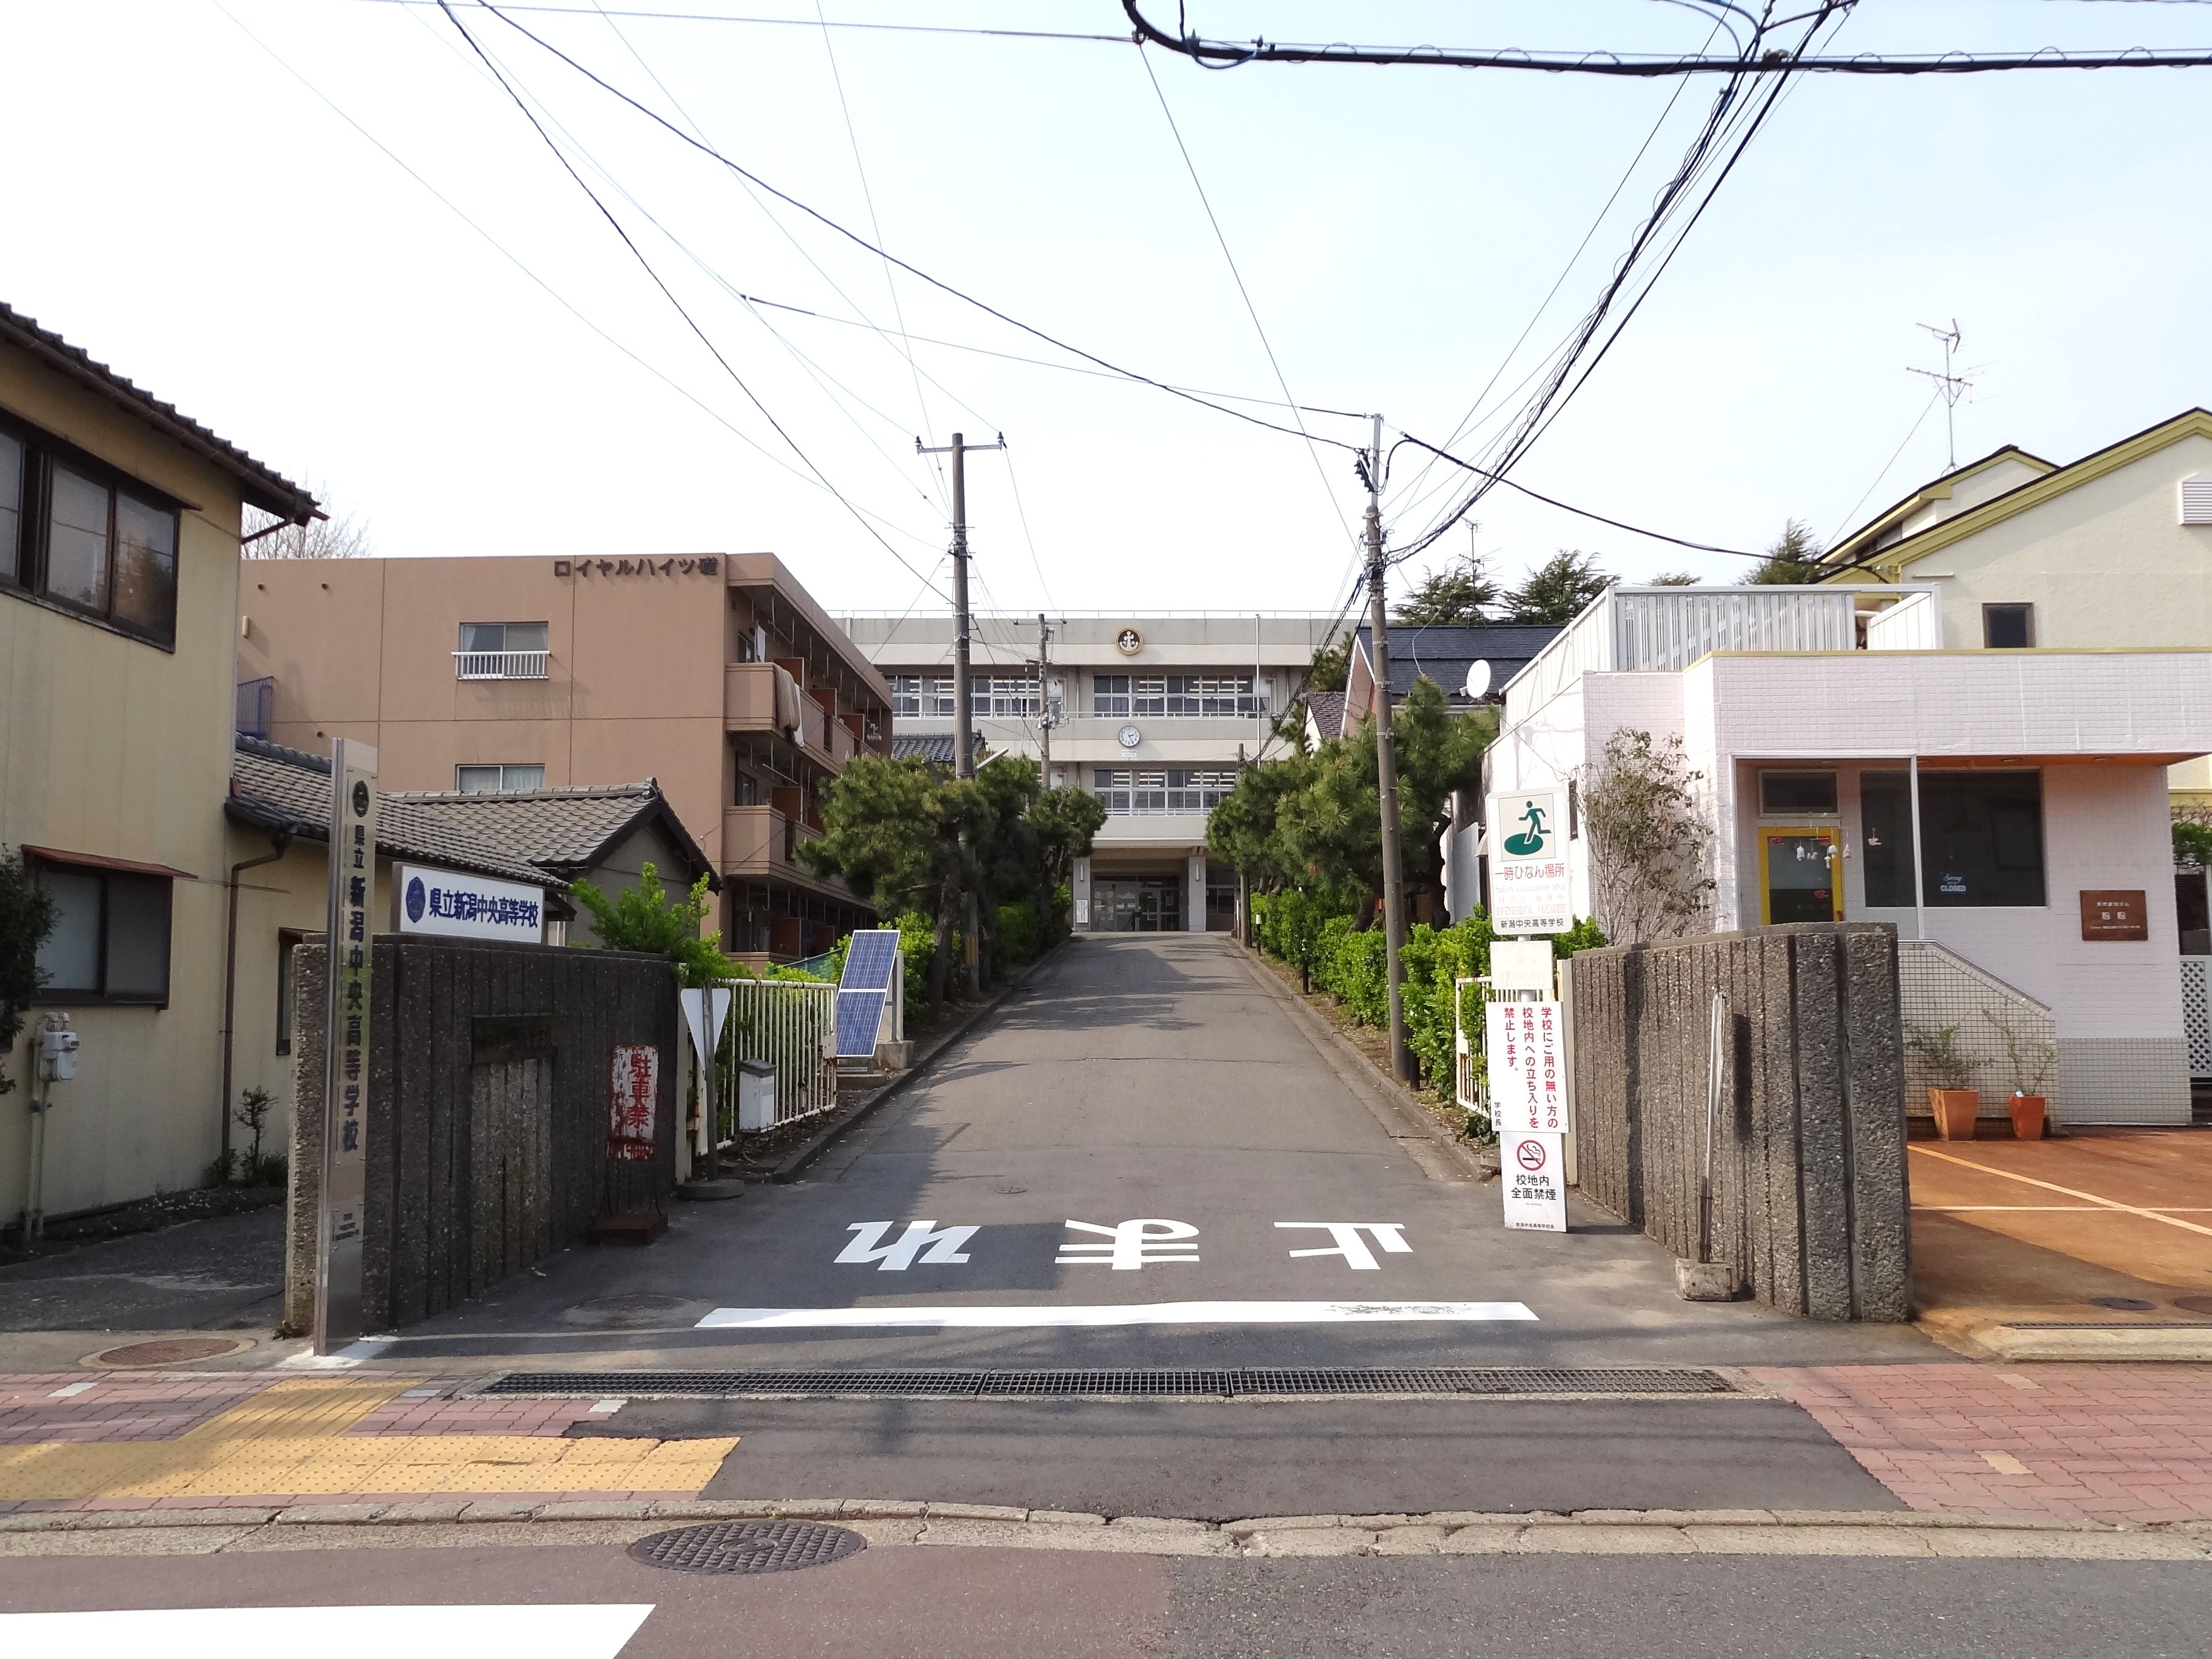 About: 新潟県立新潟中央高等学校